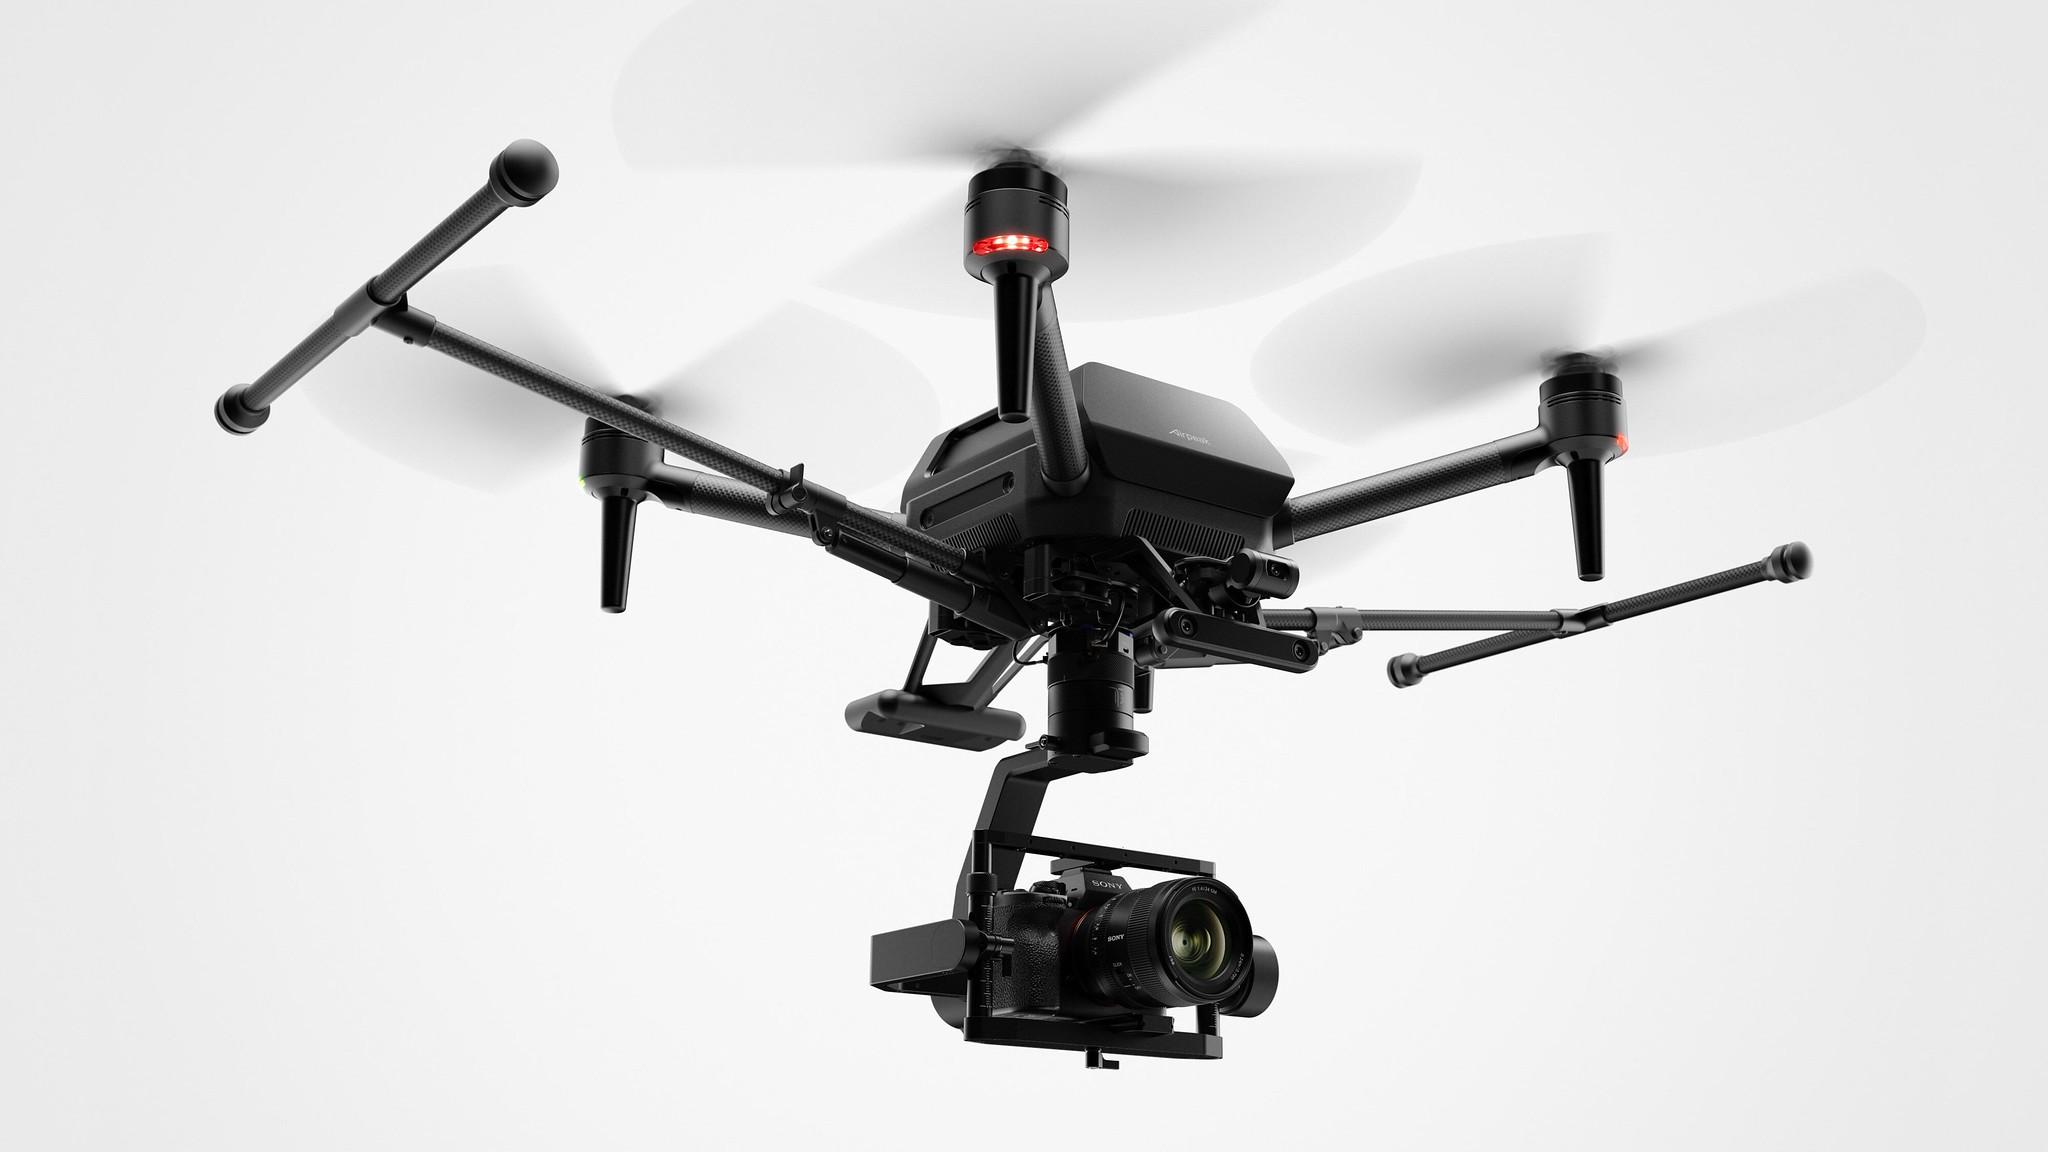 SONYがフルサイズα搭載可能ドローンAirpeakを実機公開 #CES2021